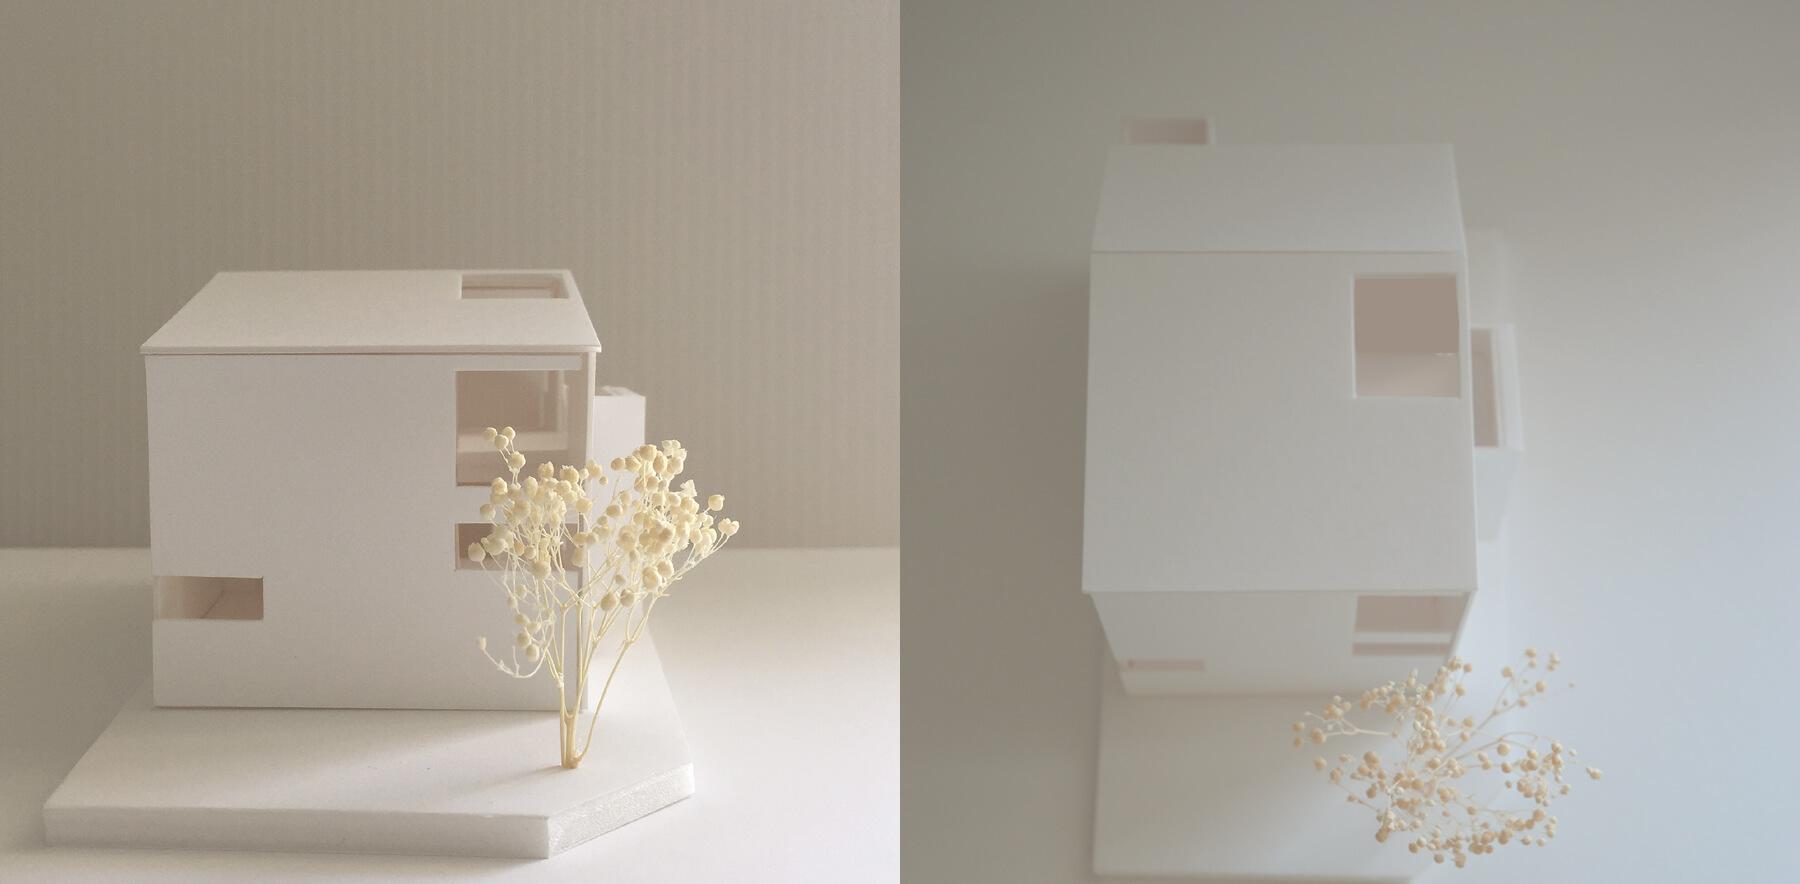 狛江S邸 模型写真